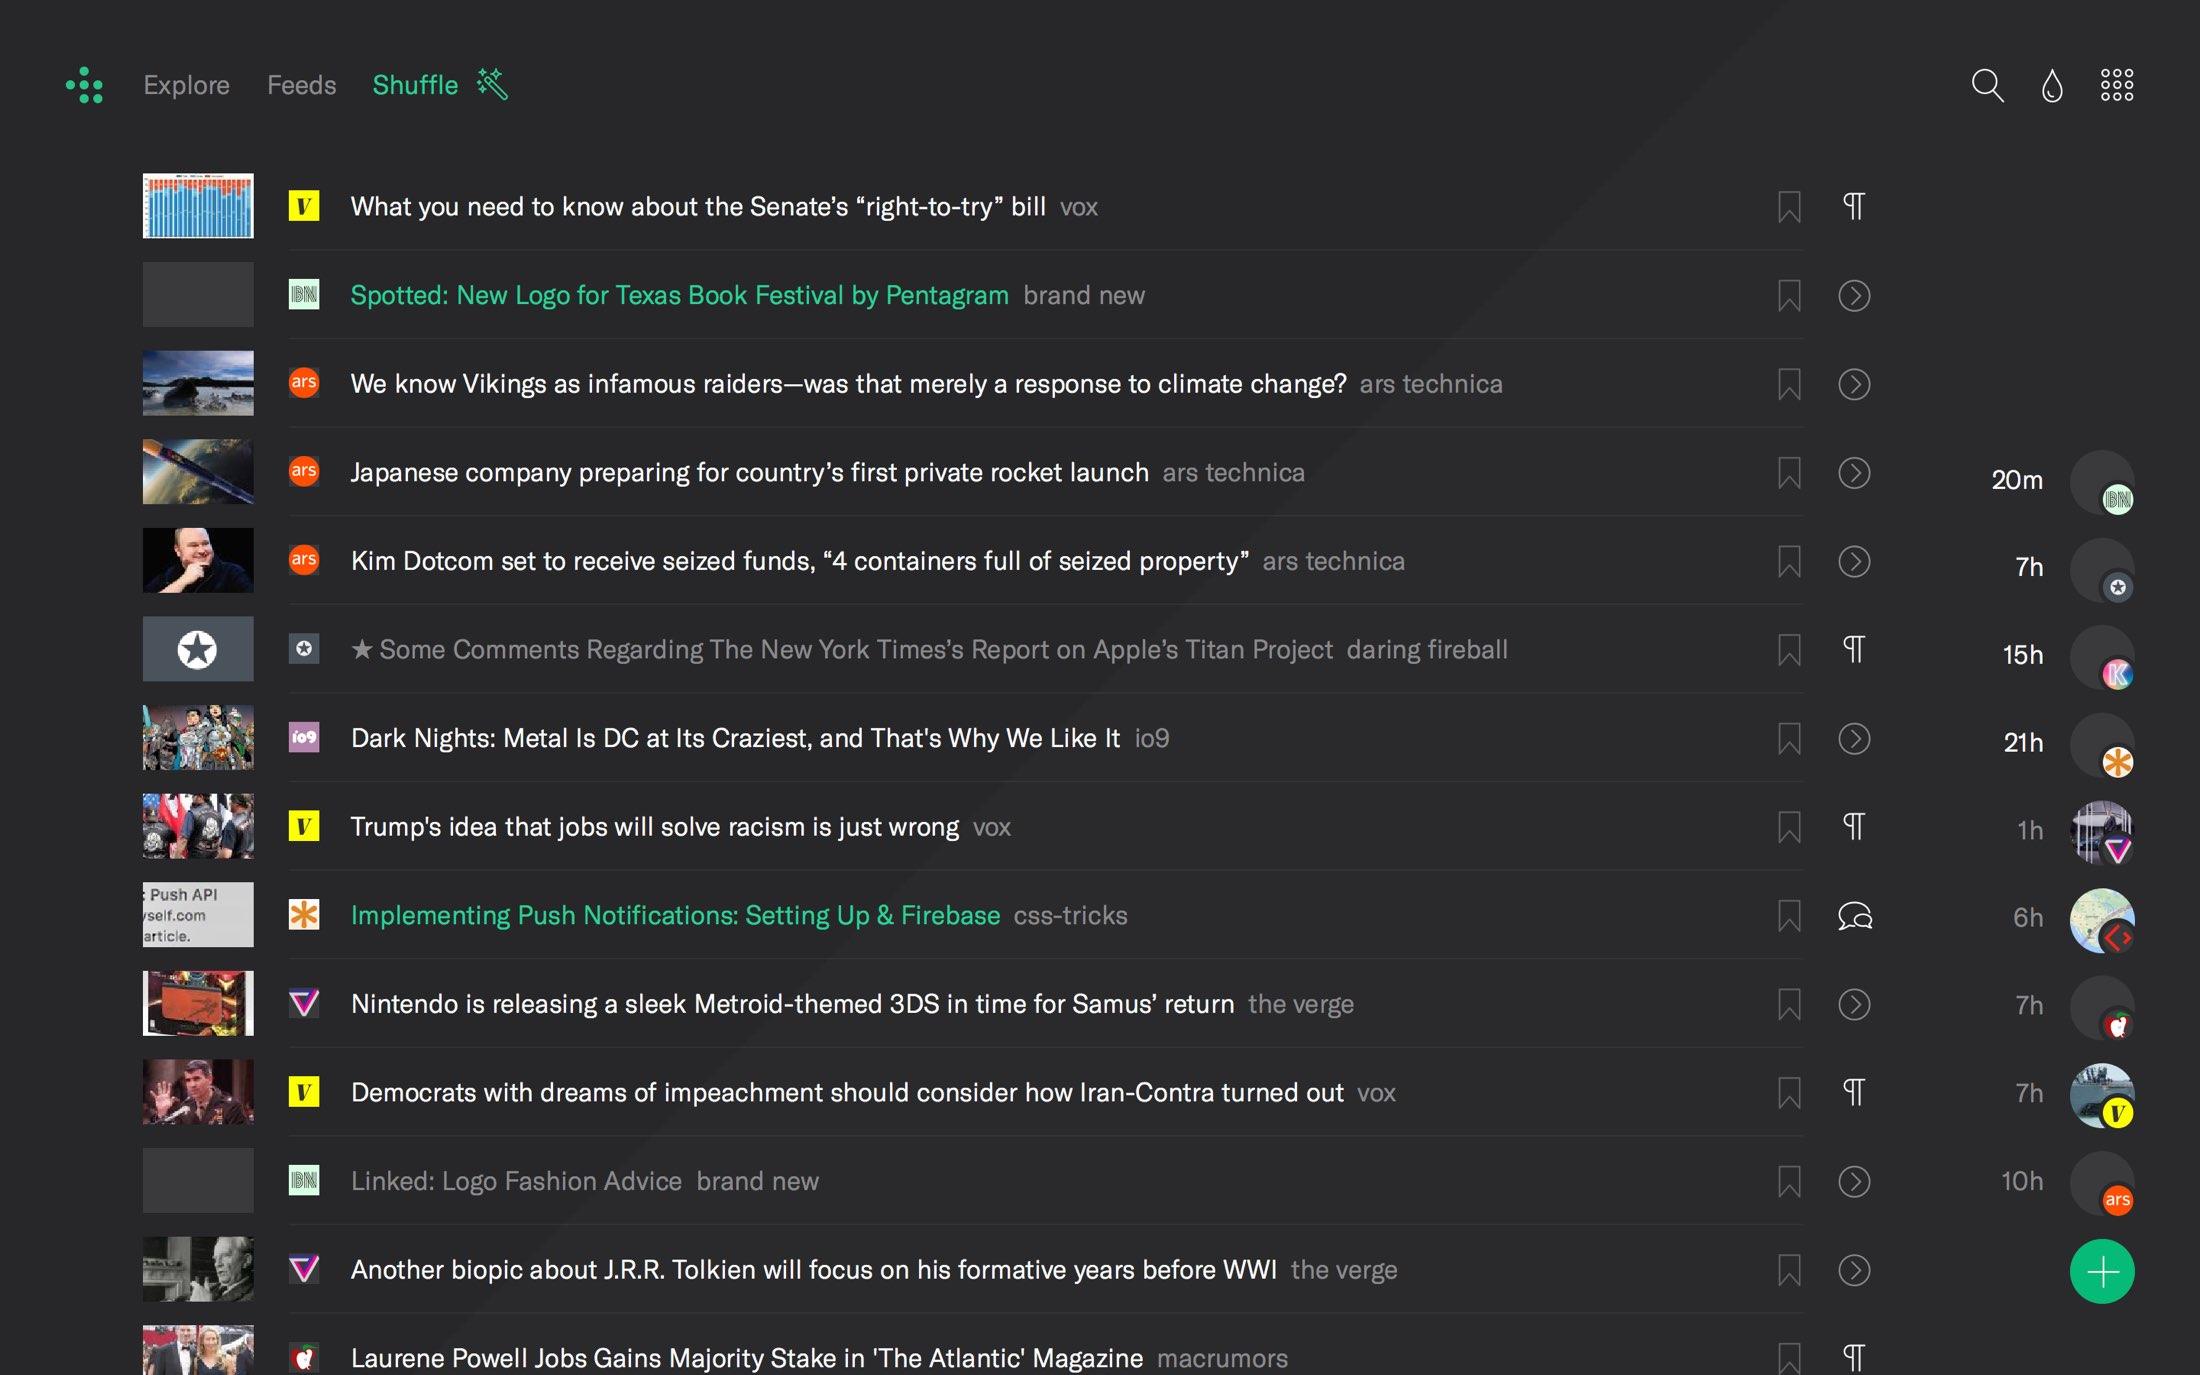 RSS reader index page in dark mode